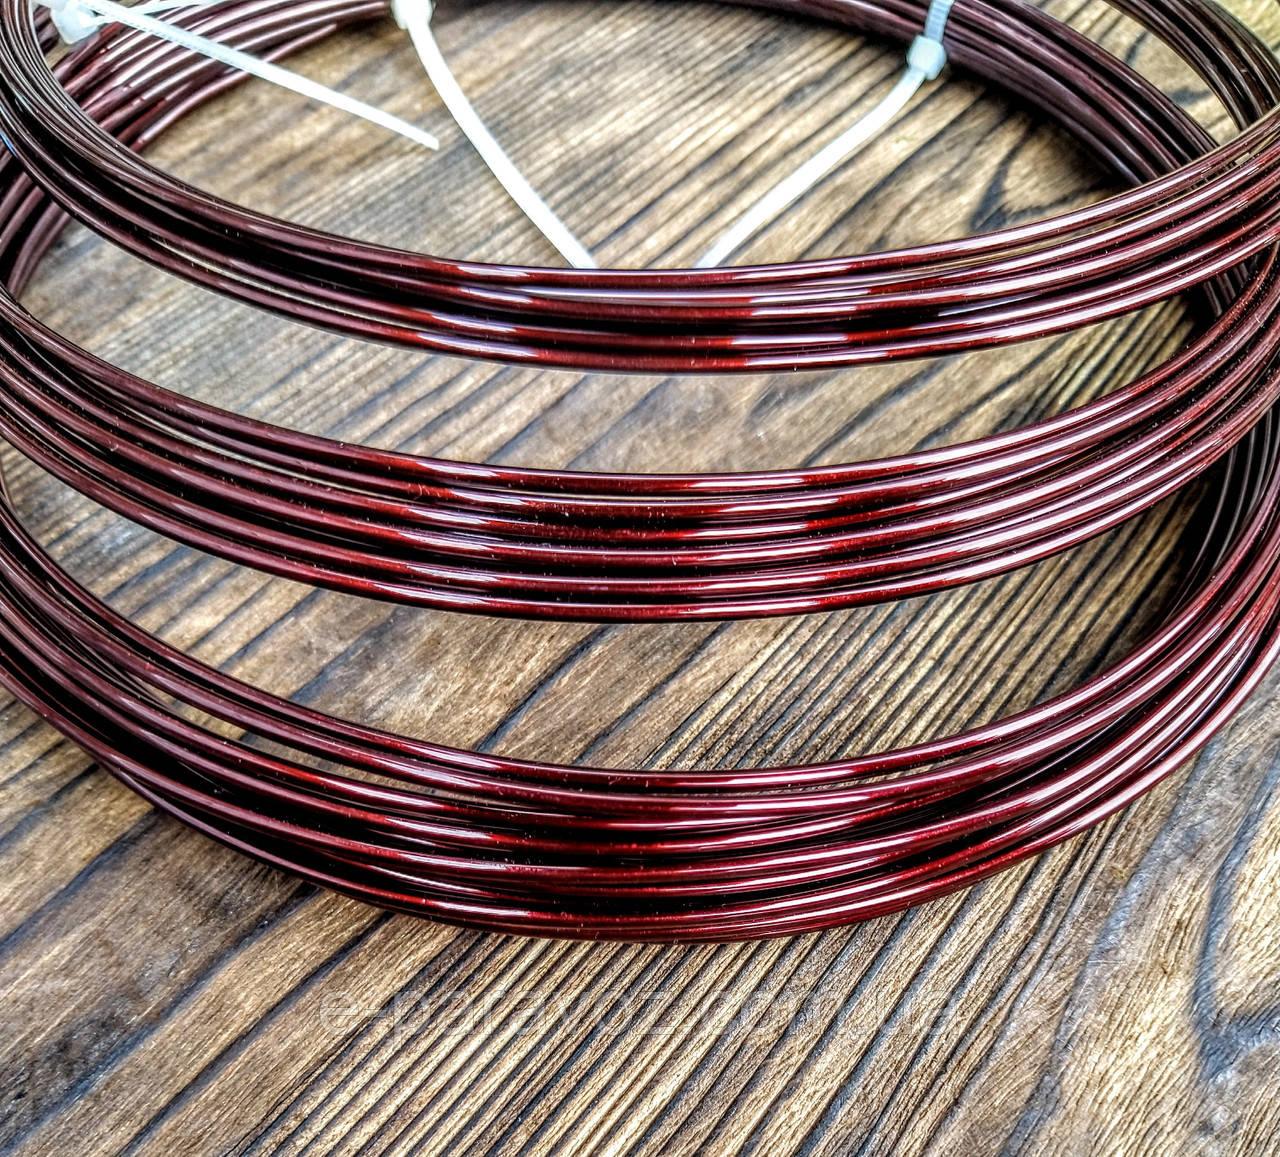 Проволока Алюминий Коричневый 2.0 мм - 5 метров для бижутерии